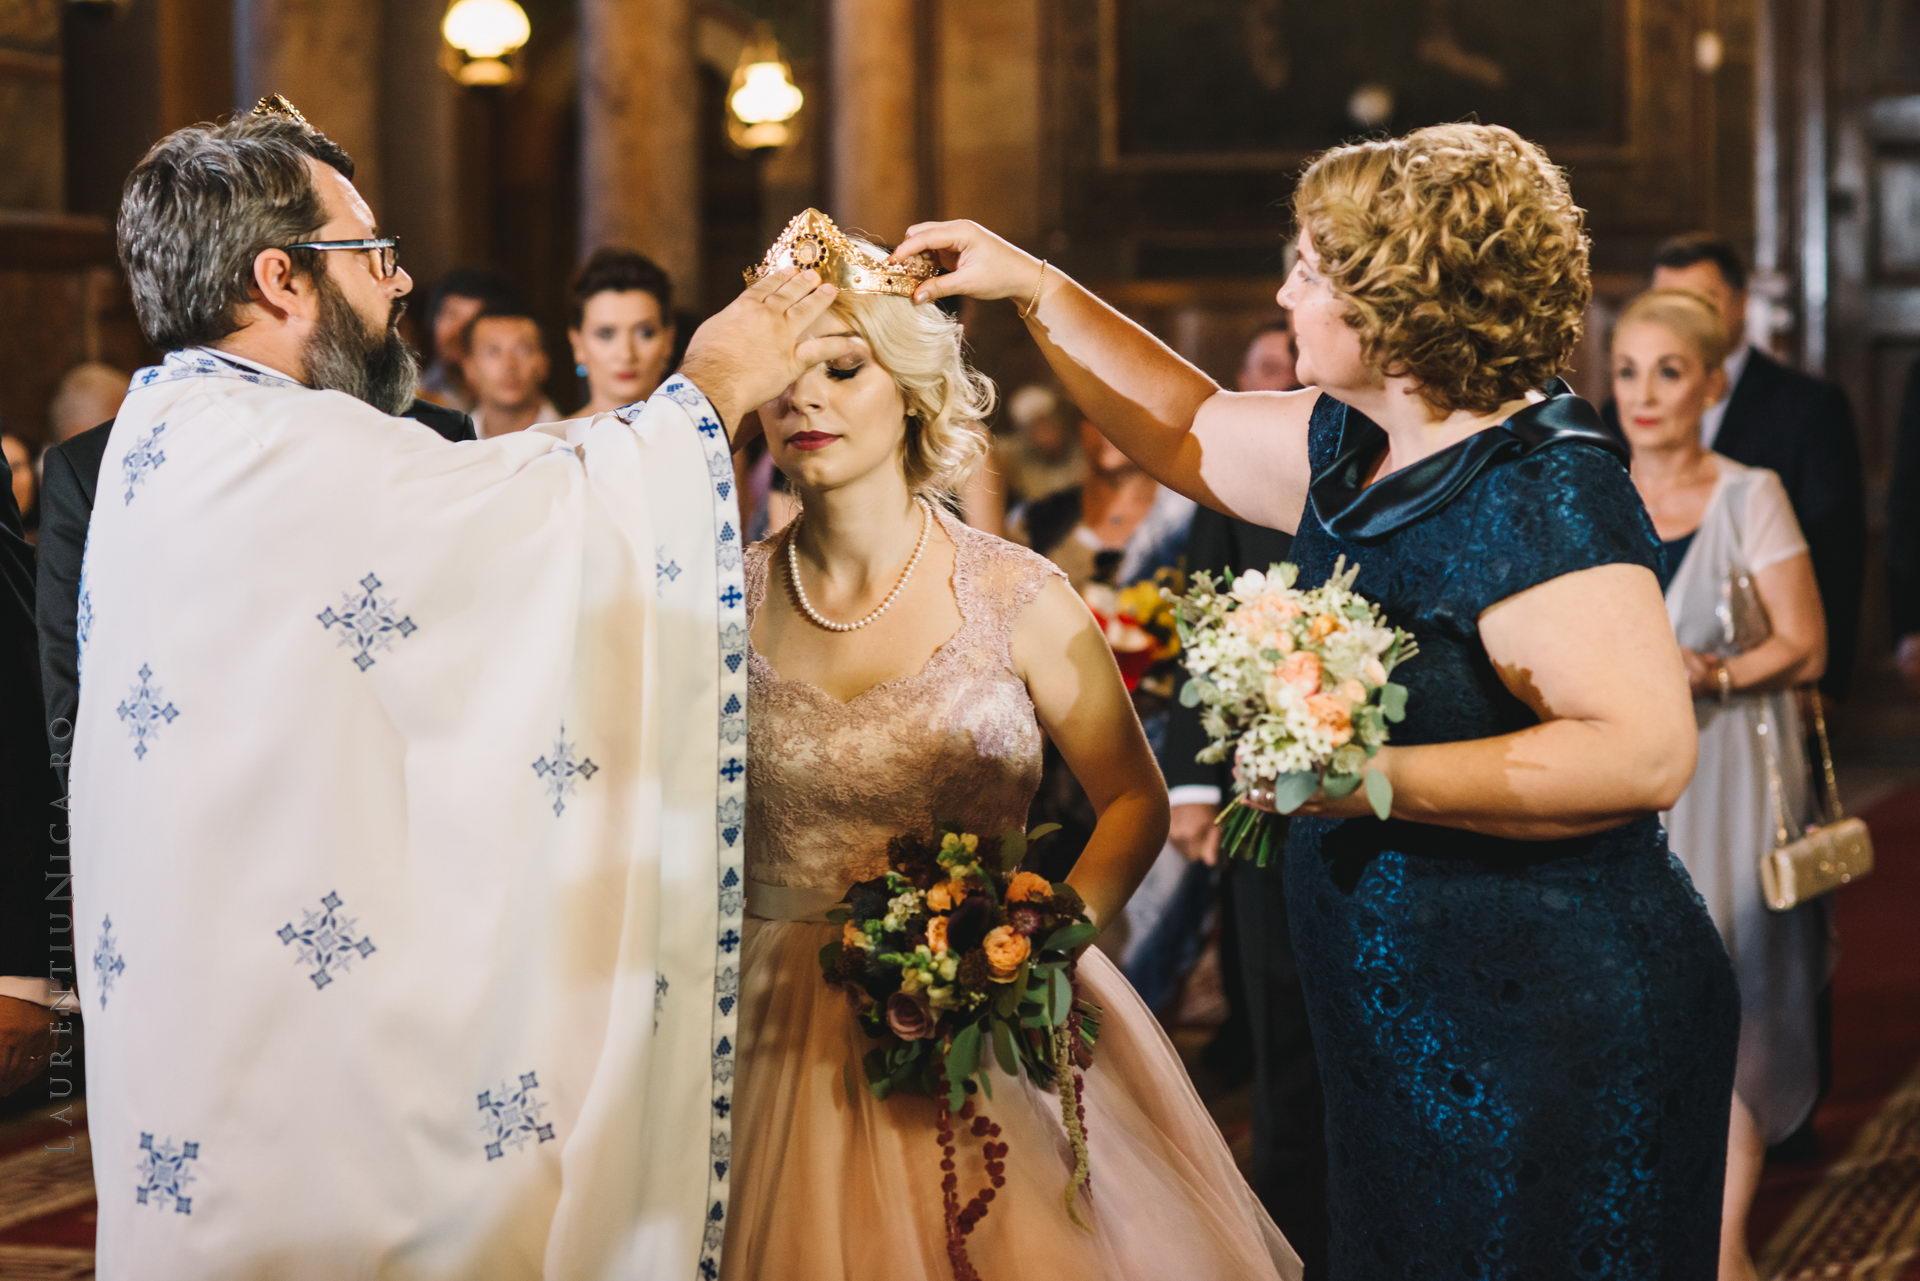 lavinia si adi fotograf laurentiu nica craiova 044 - Lavinia & Adi | Fotografii nunta